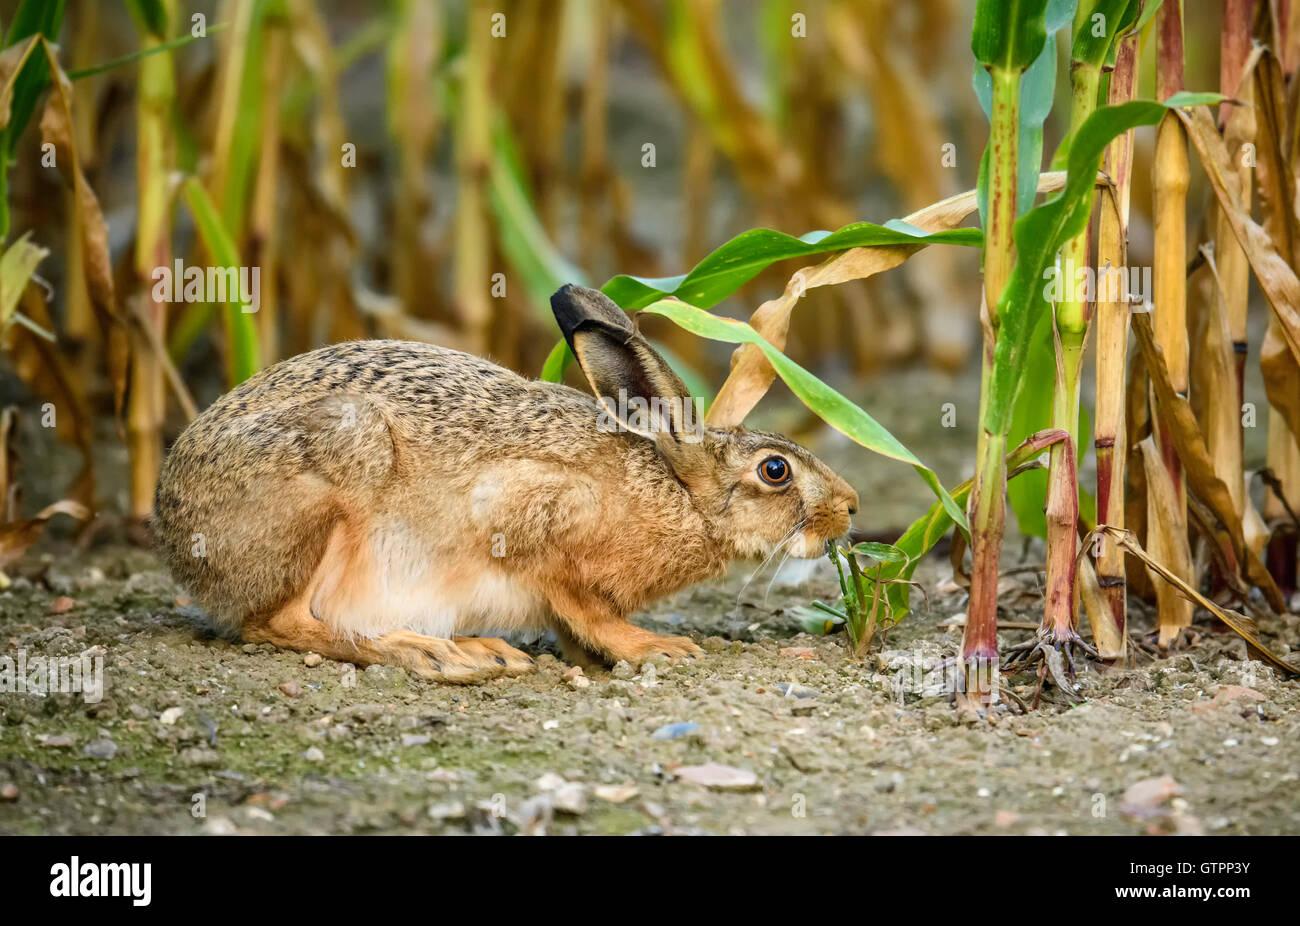 Brauner Hase (Lepus Europaeus) Check-out die Blätter auf einer Mais-Pflanze. Stockbild